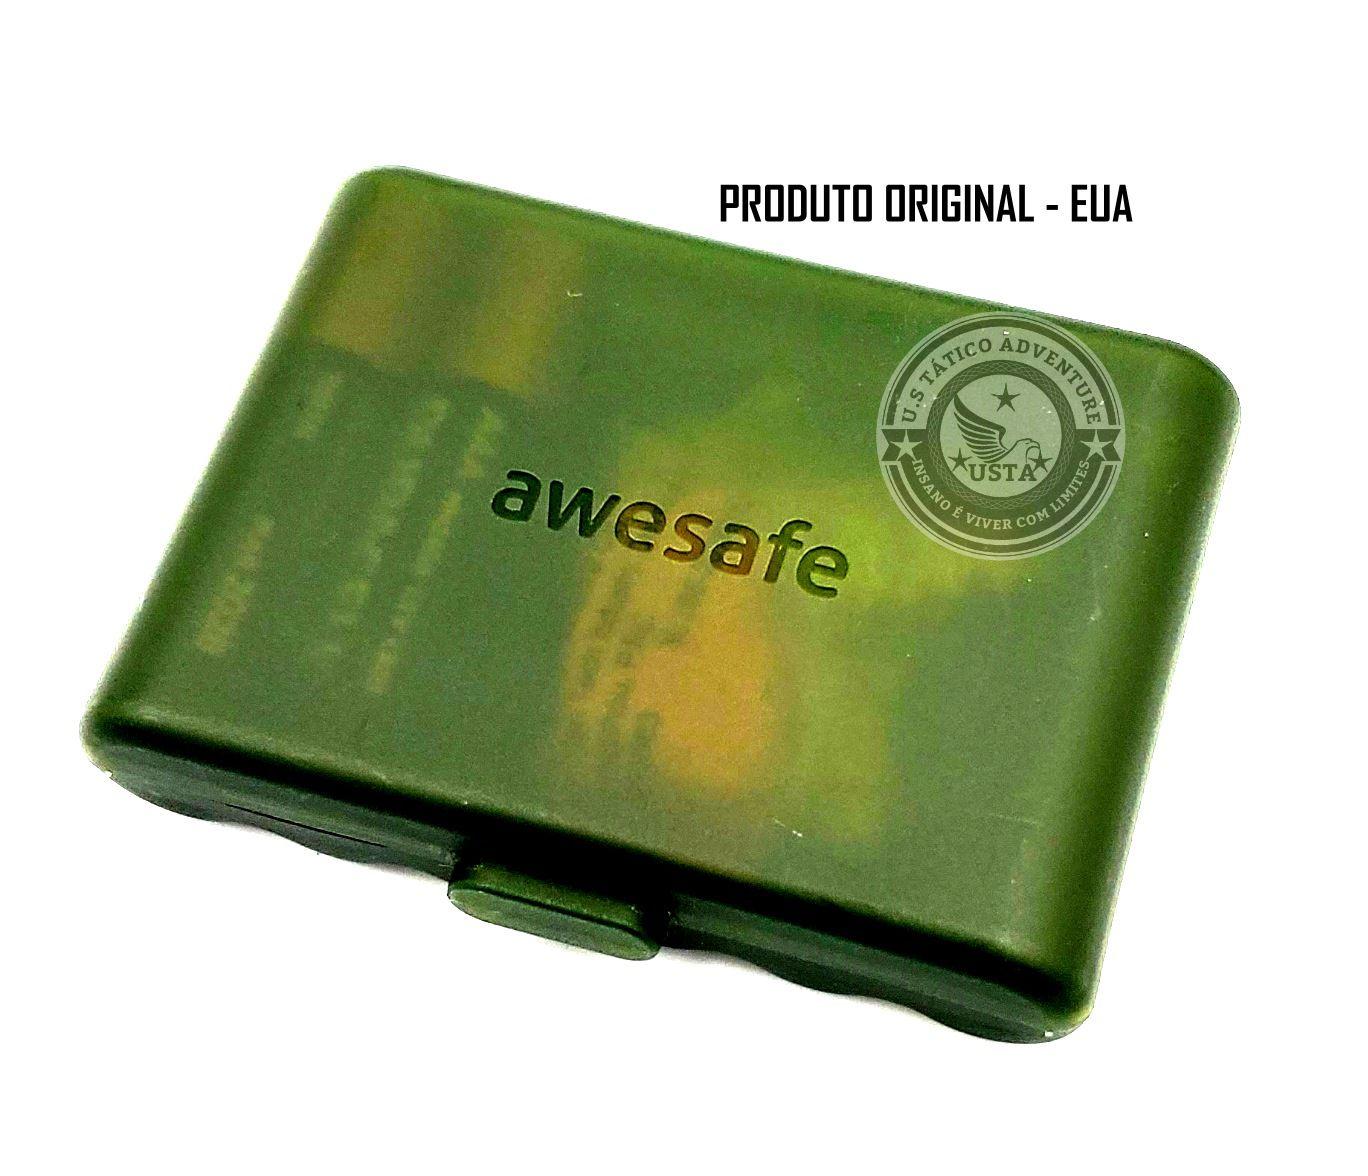 Protetor Abafador Eletrônico Profissional Awesafe Eua Original Camuflado